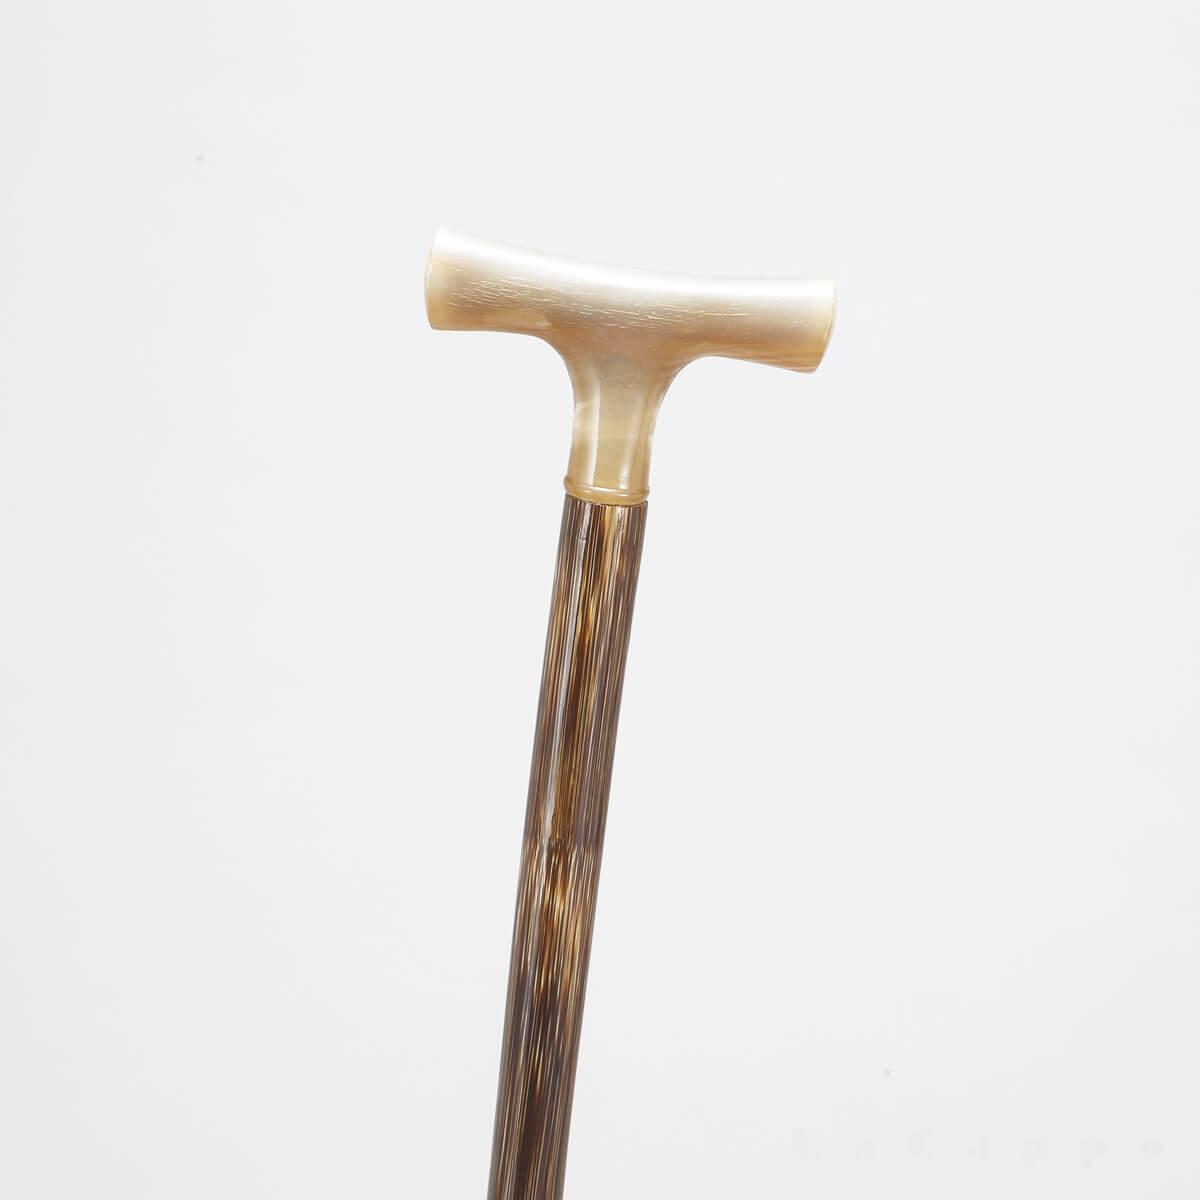 フルシーズン商品No6:男女兼用ステッキ(オランダ水牛・檳榔樹(びんろうじゅ)・黒水牛)